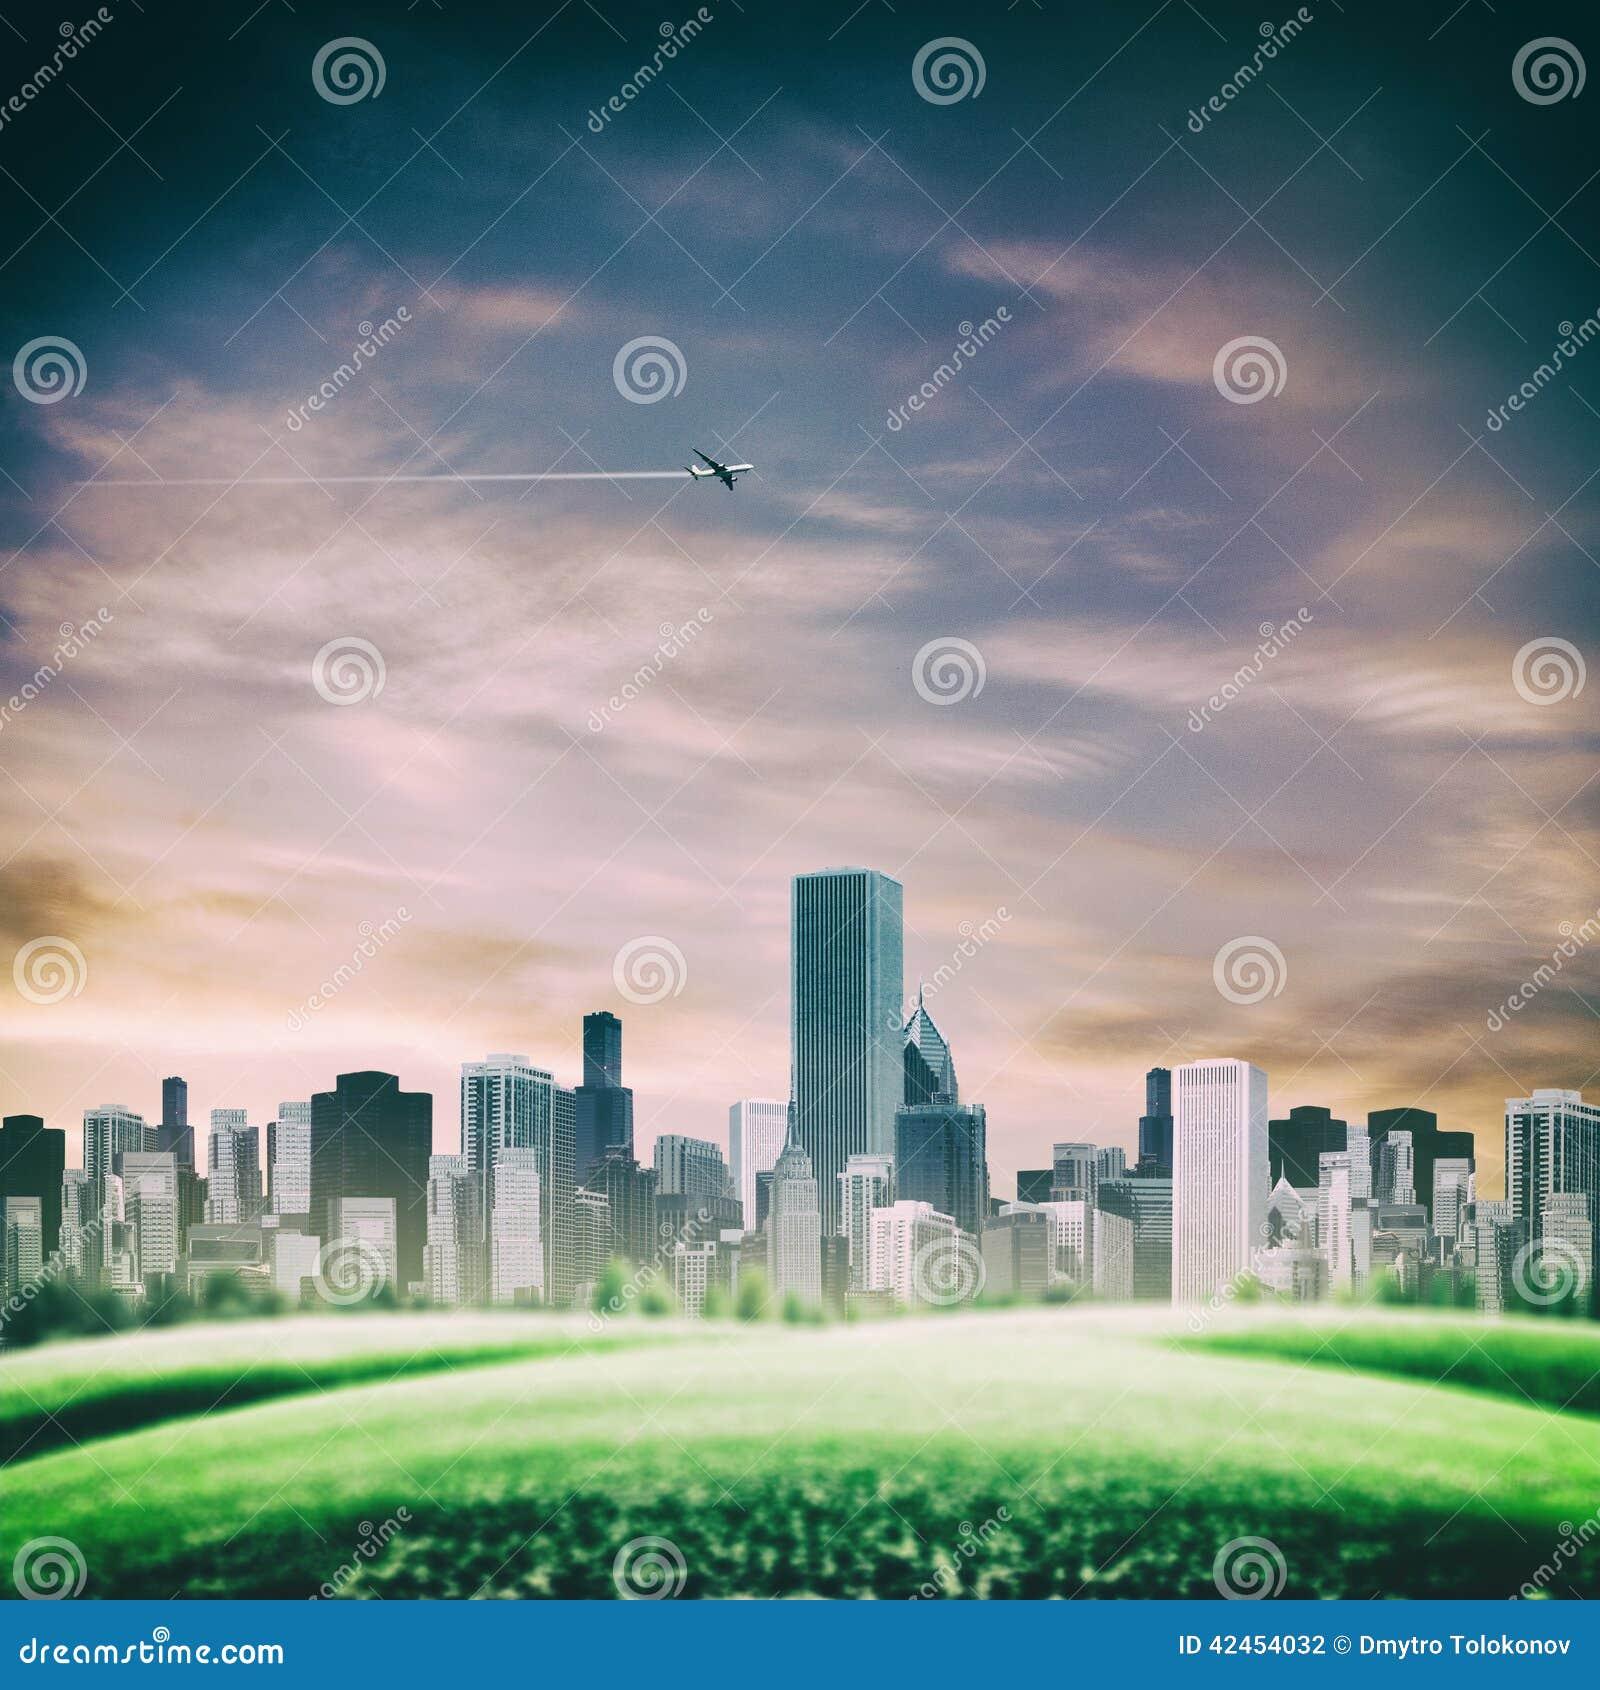 Futuristische Hintergründe mit modernen städtischen Gebäuden